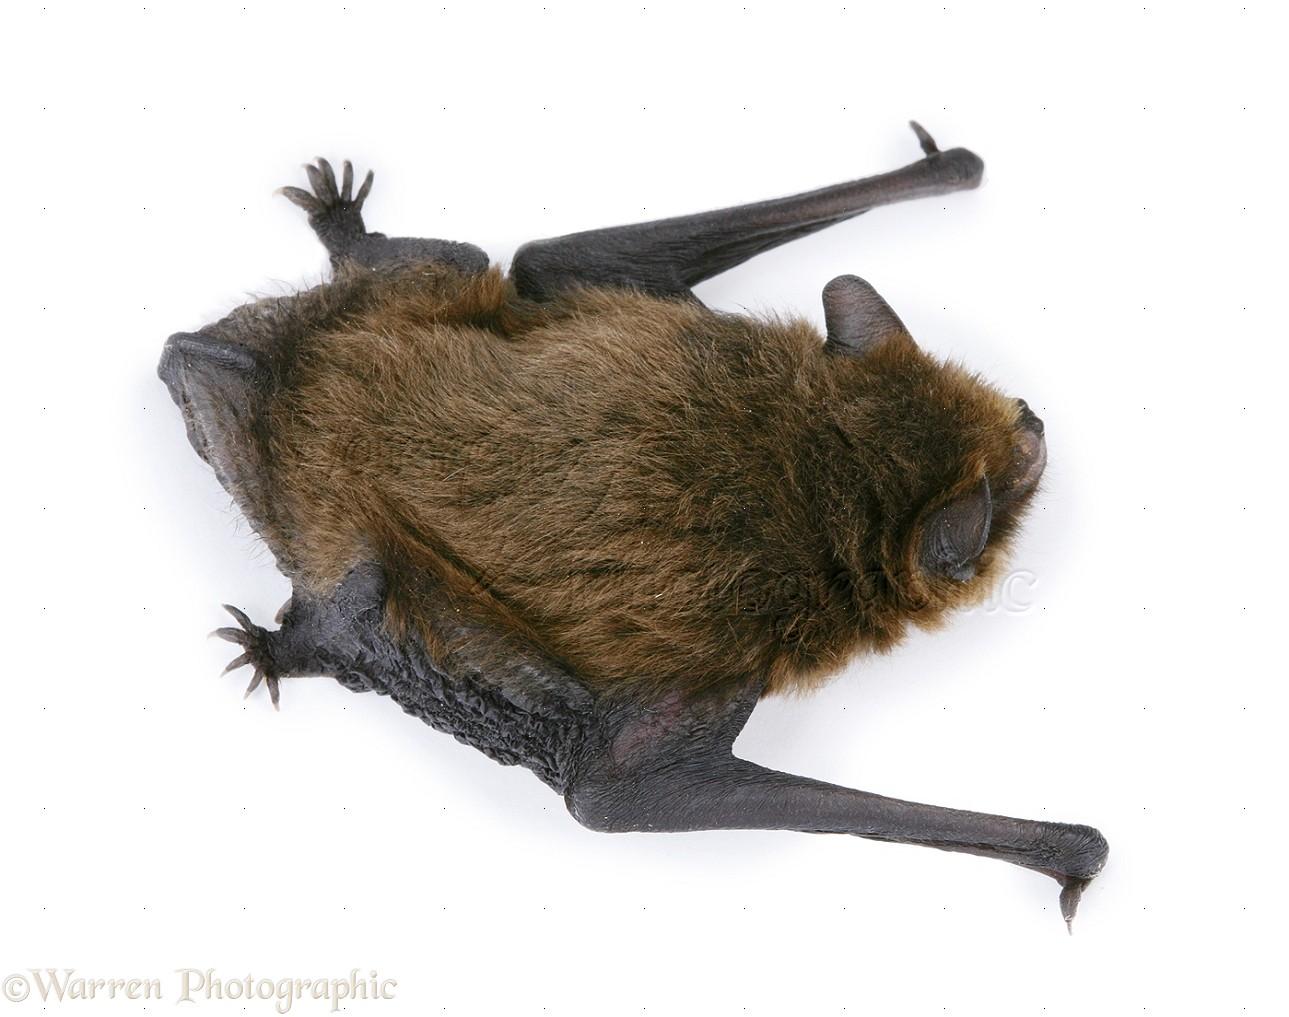 juvenile pipistrelle bat photo wp20143